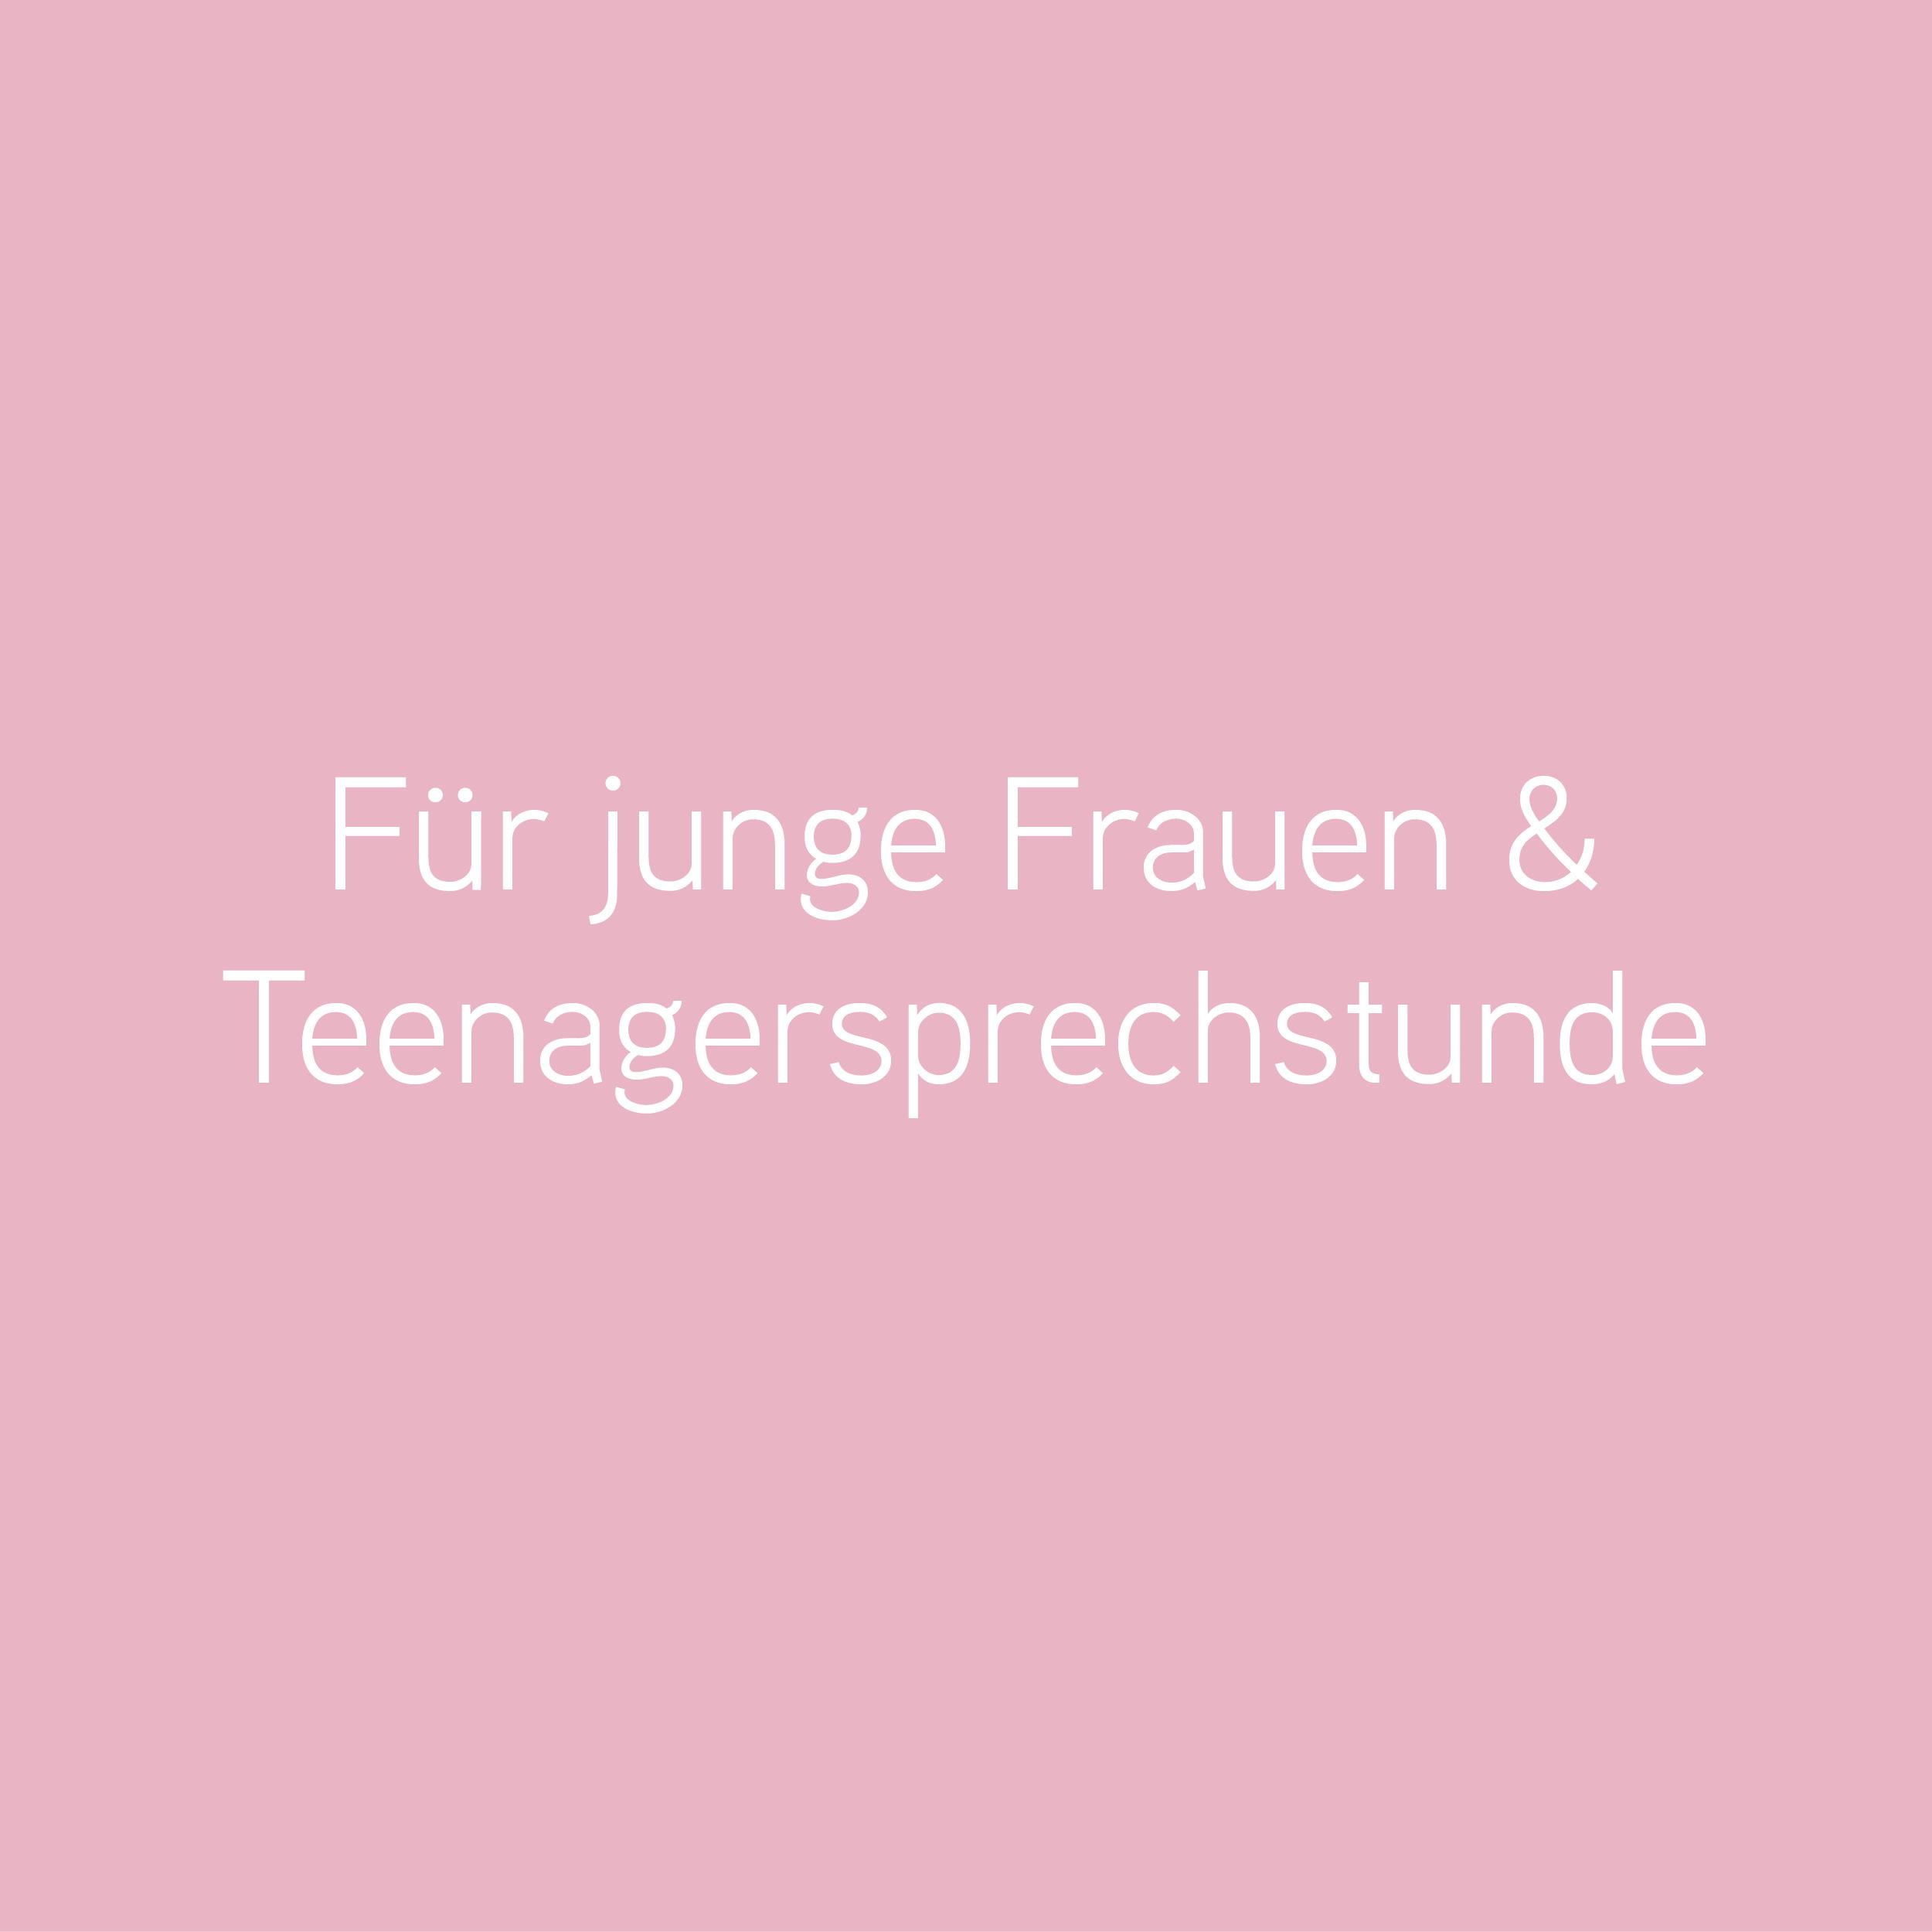 Teenagersprechstunde